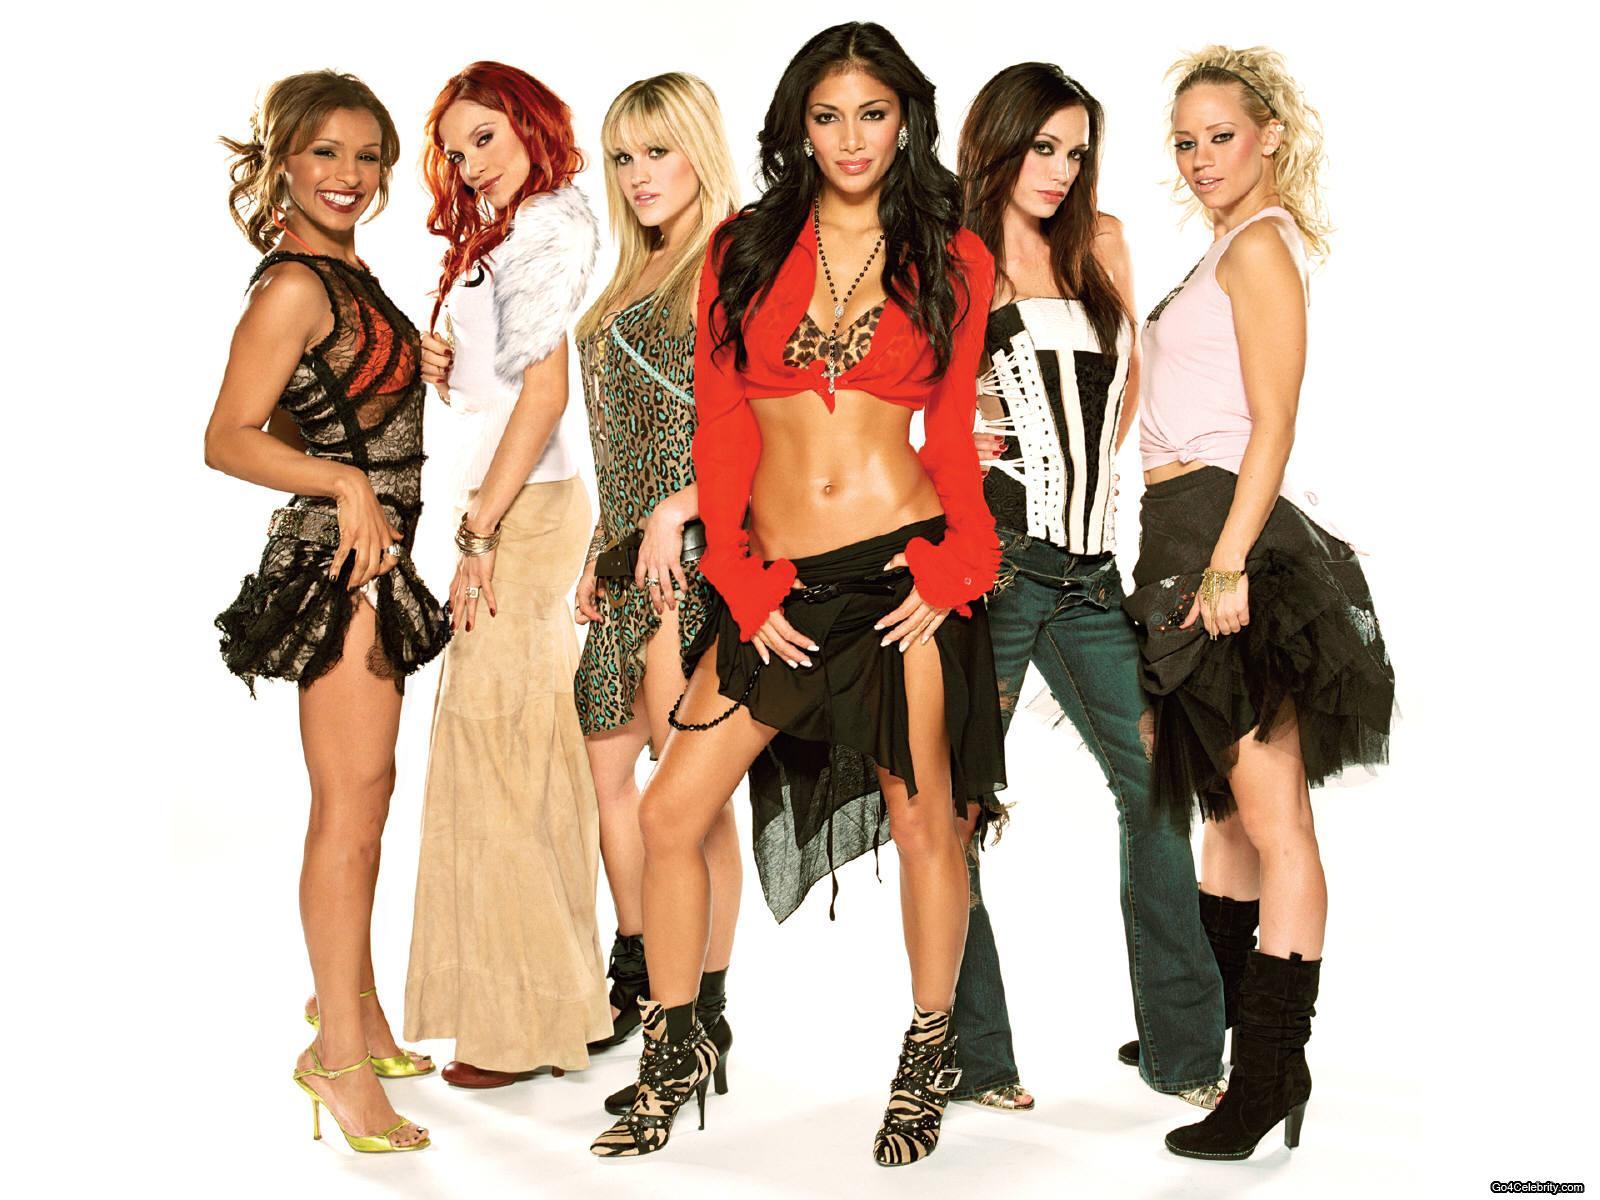 http://3.bp.blogspot.com/-Uv47T06U6C0/TvNjvBwW_pI/AAAAAAAAAGo/Tl9TwhAbAcQ/s1600/Pussycat-Dolls-024.jpg